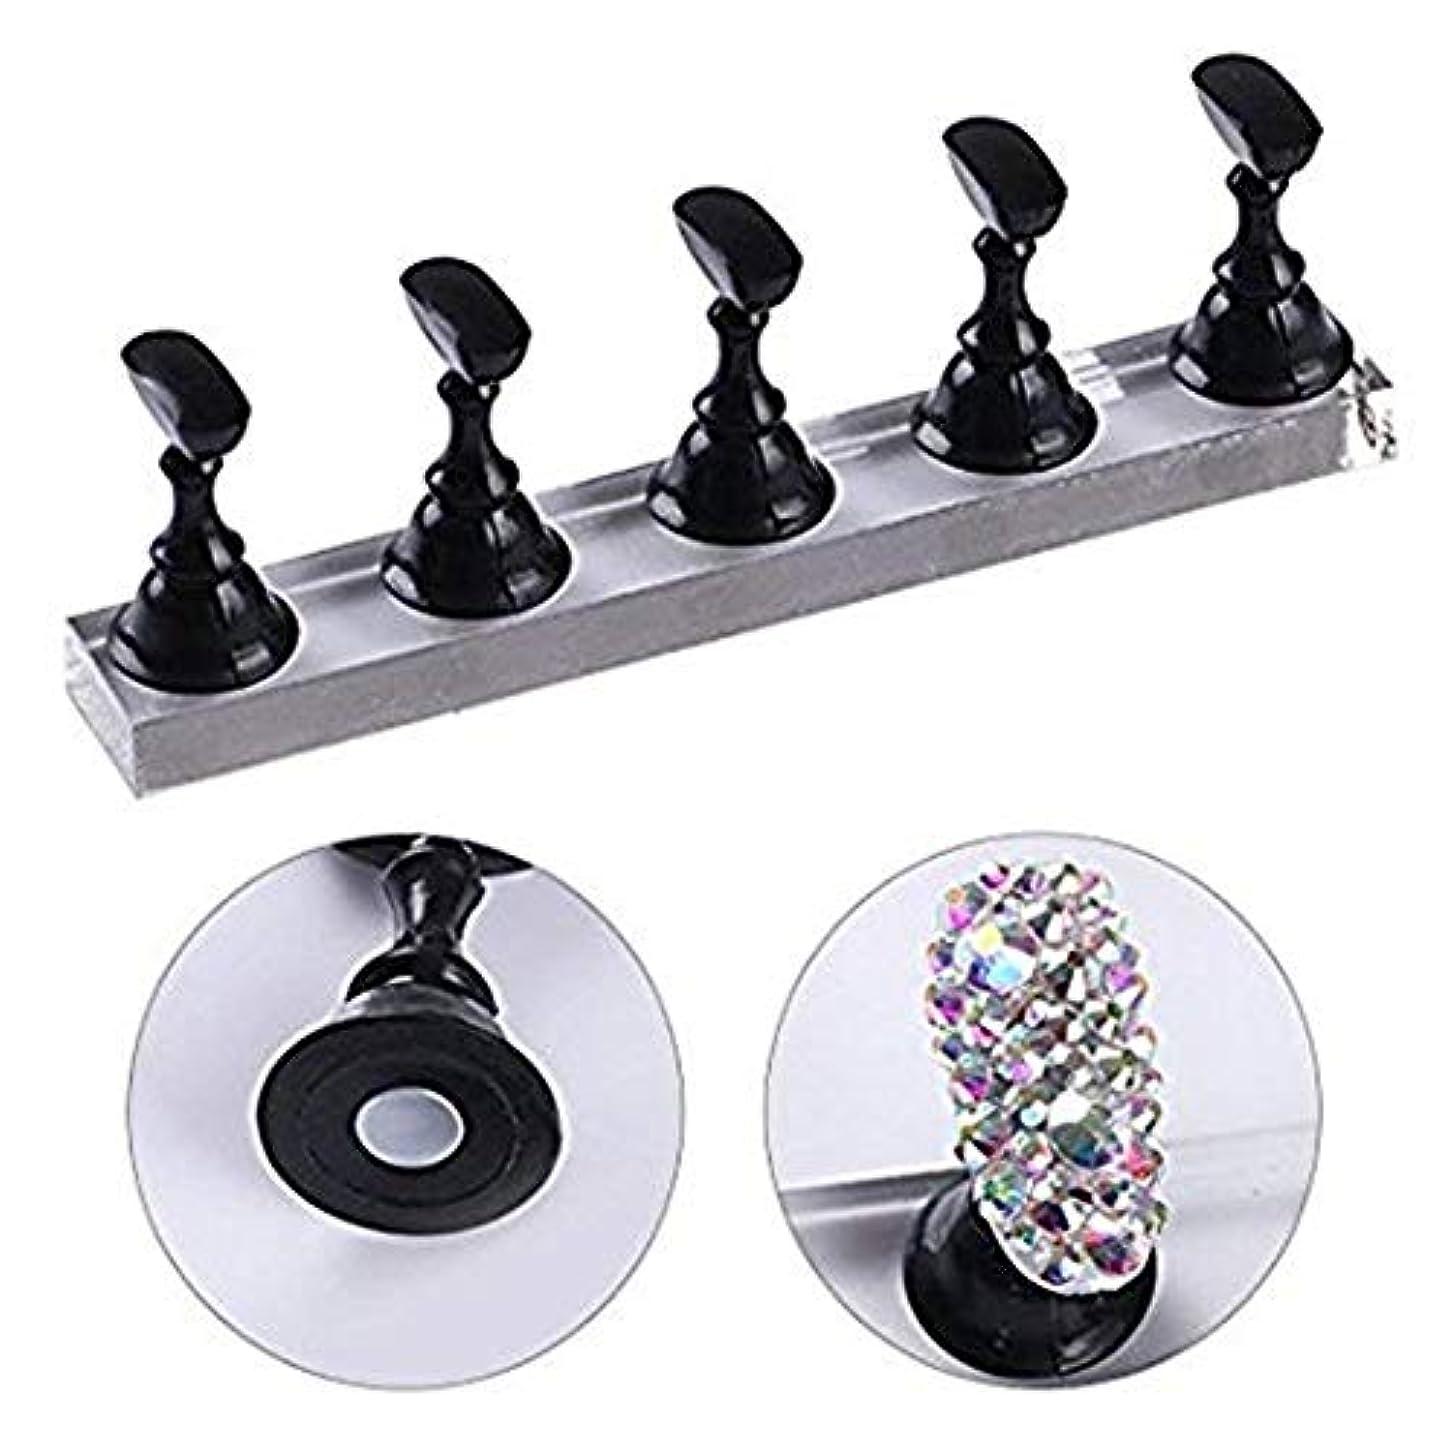 お風呂を持っているポール窒素ネイルチップディスプレイスタンドセット ネイルチップホルダー ネイルアート用品サロン用品 磁気 ネイルアート 5本セット (ブラック)